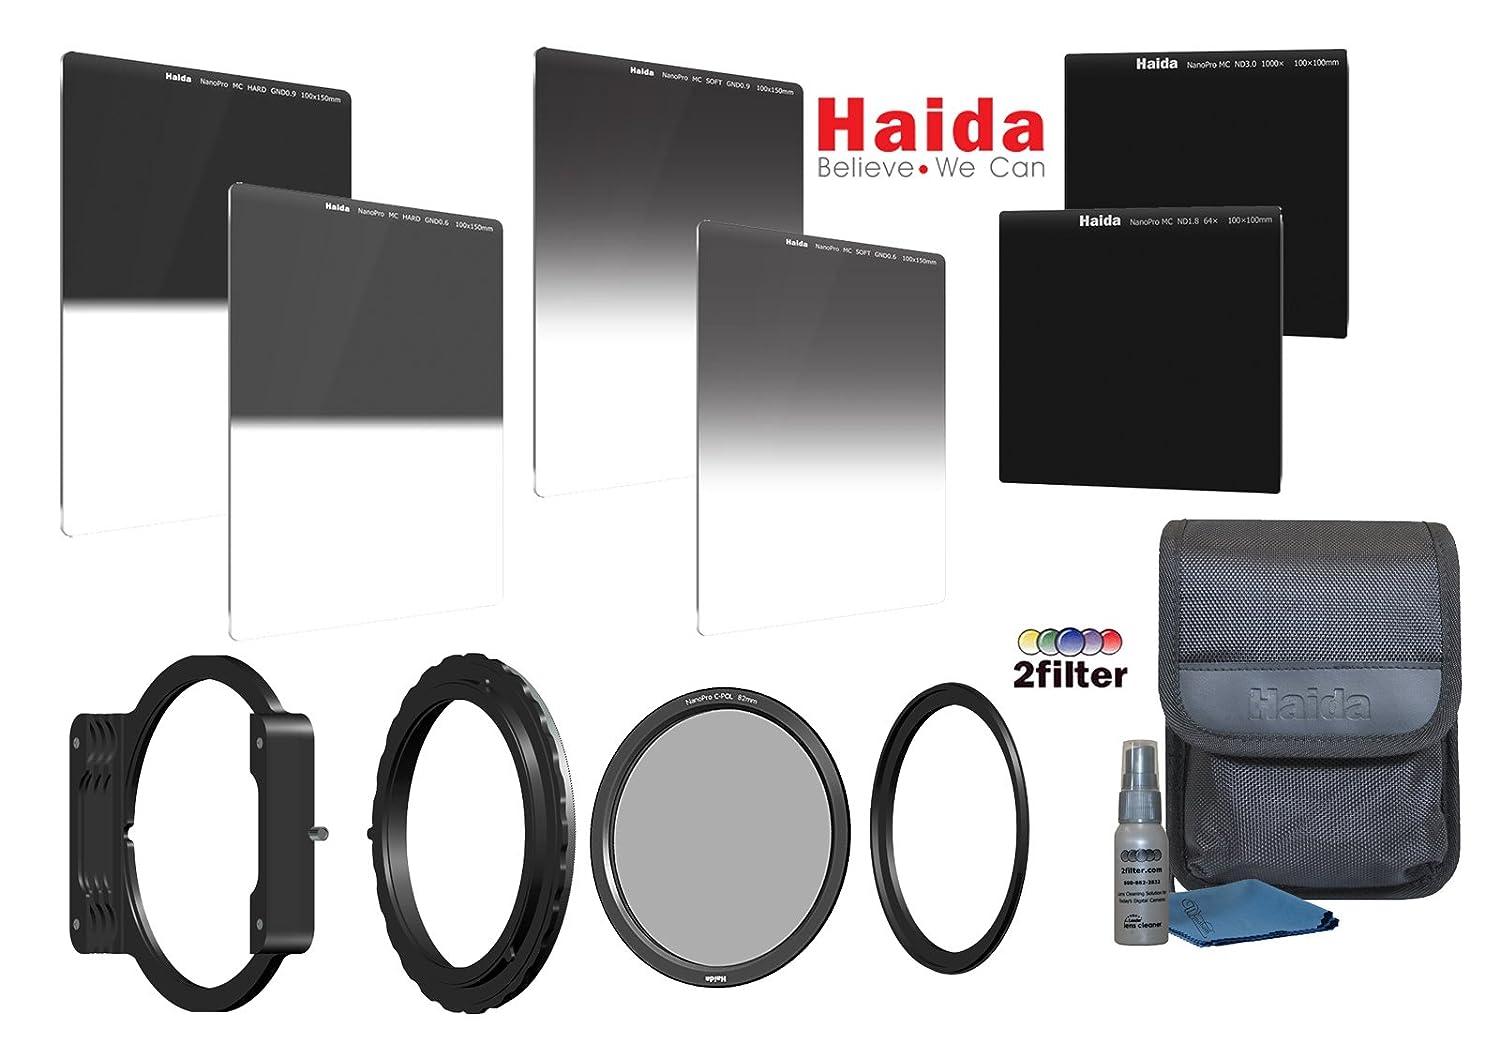 Haida NanoPro 100-proすべてEssentialsフィルタ&ホルダーキット100 mm Includes 7フィルタ: CPL、1.8 ND、3.0 ND、ソフトGrad 0.6 &、0.9ハードGrad 0.6 & 0.9 6-filterポーチおよび2フィルタクリーニングキット   B07CP2WGVX